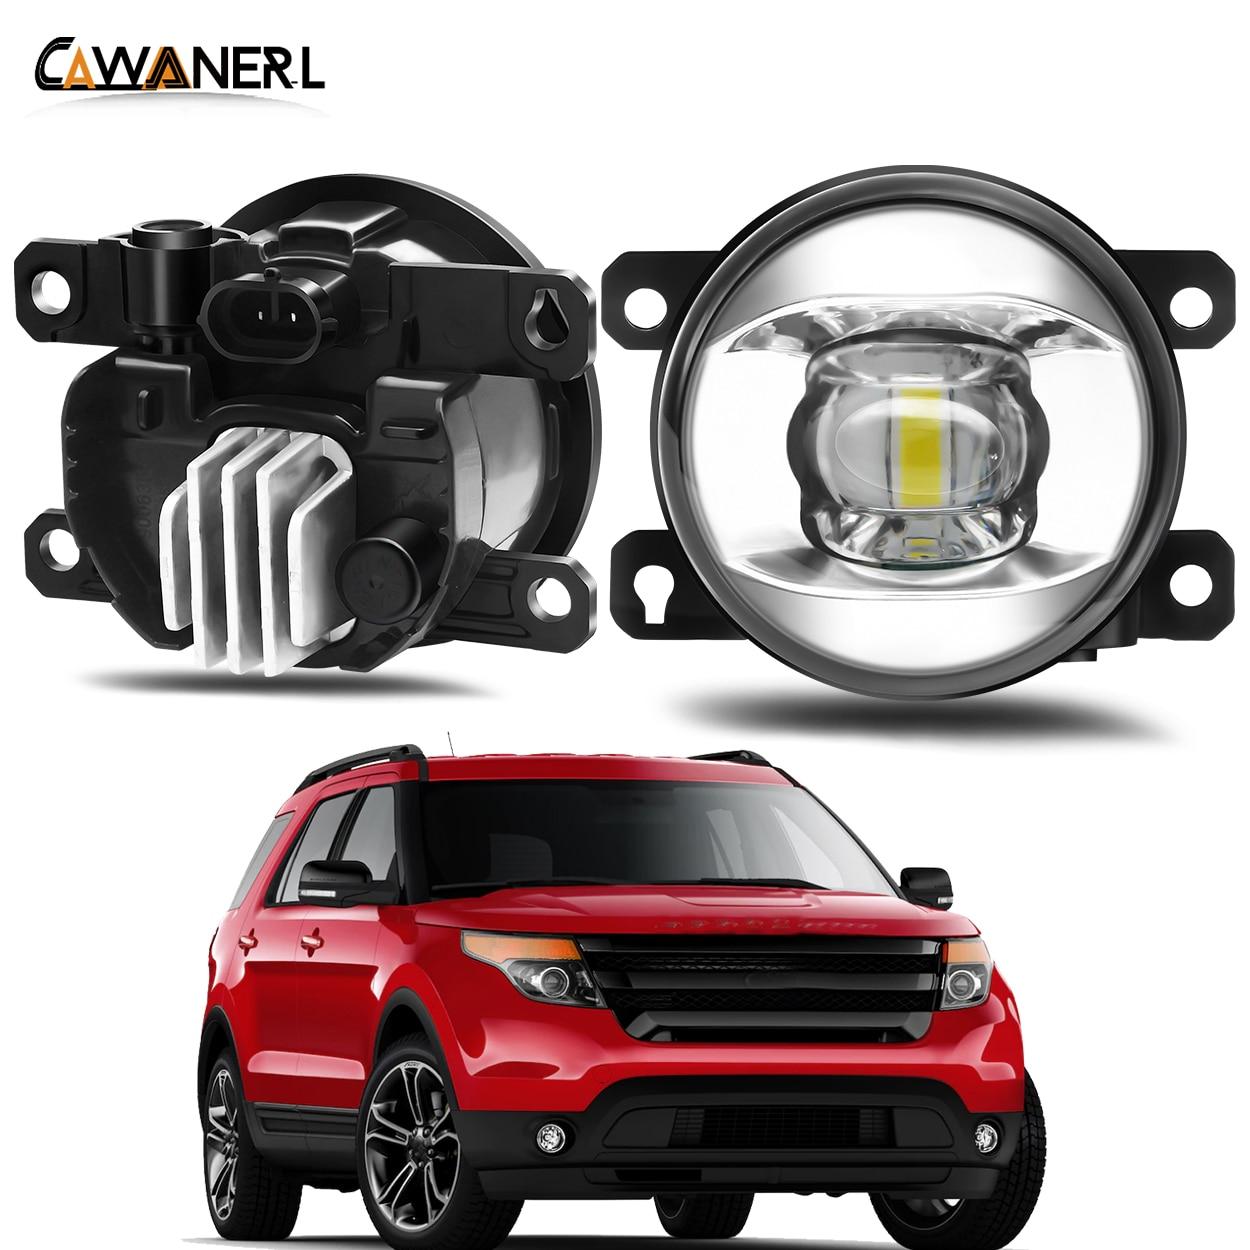 Fog Light Assembly For Ford Explorer 2011 2012 2013 2014 Car Front Bumper LED Lens Fog Lamp Daytime Running Light DRL 30W 12V